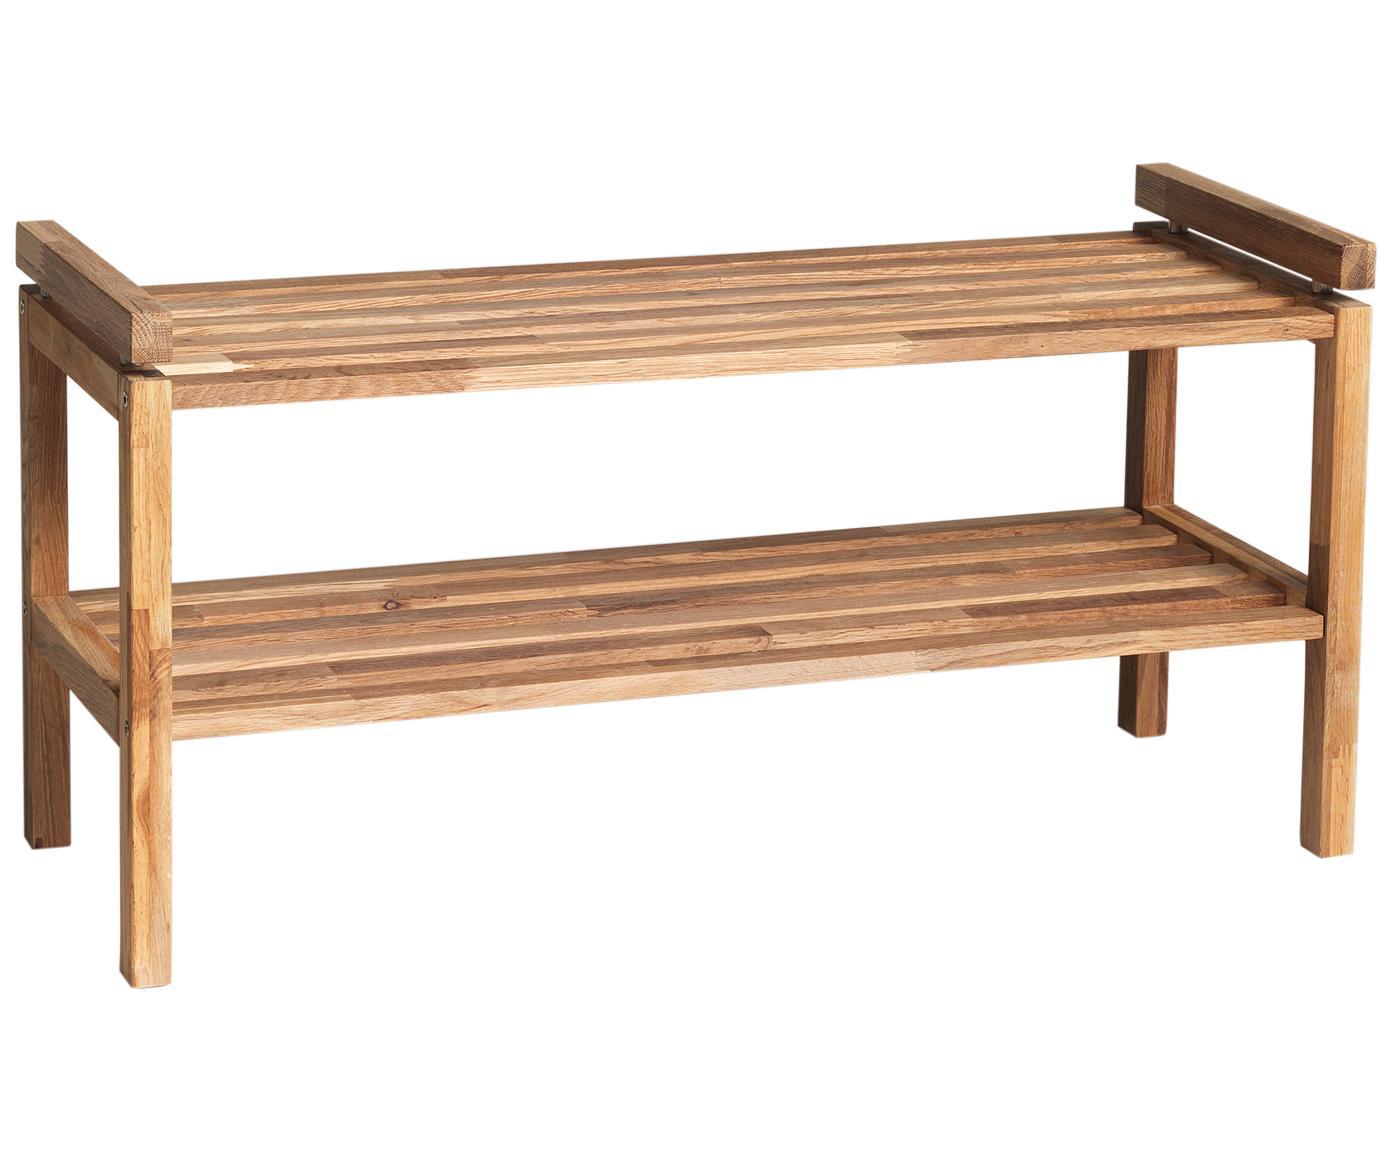 Półka na buty z drewna Confetti, Drewno dębowe, lakierowane, Brązowy, S 80 x W 40 cm